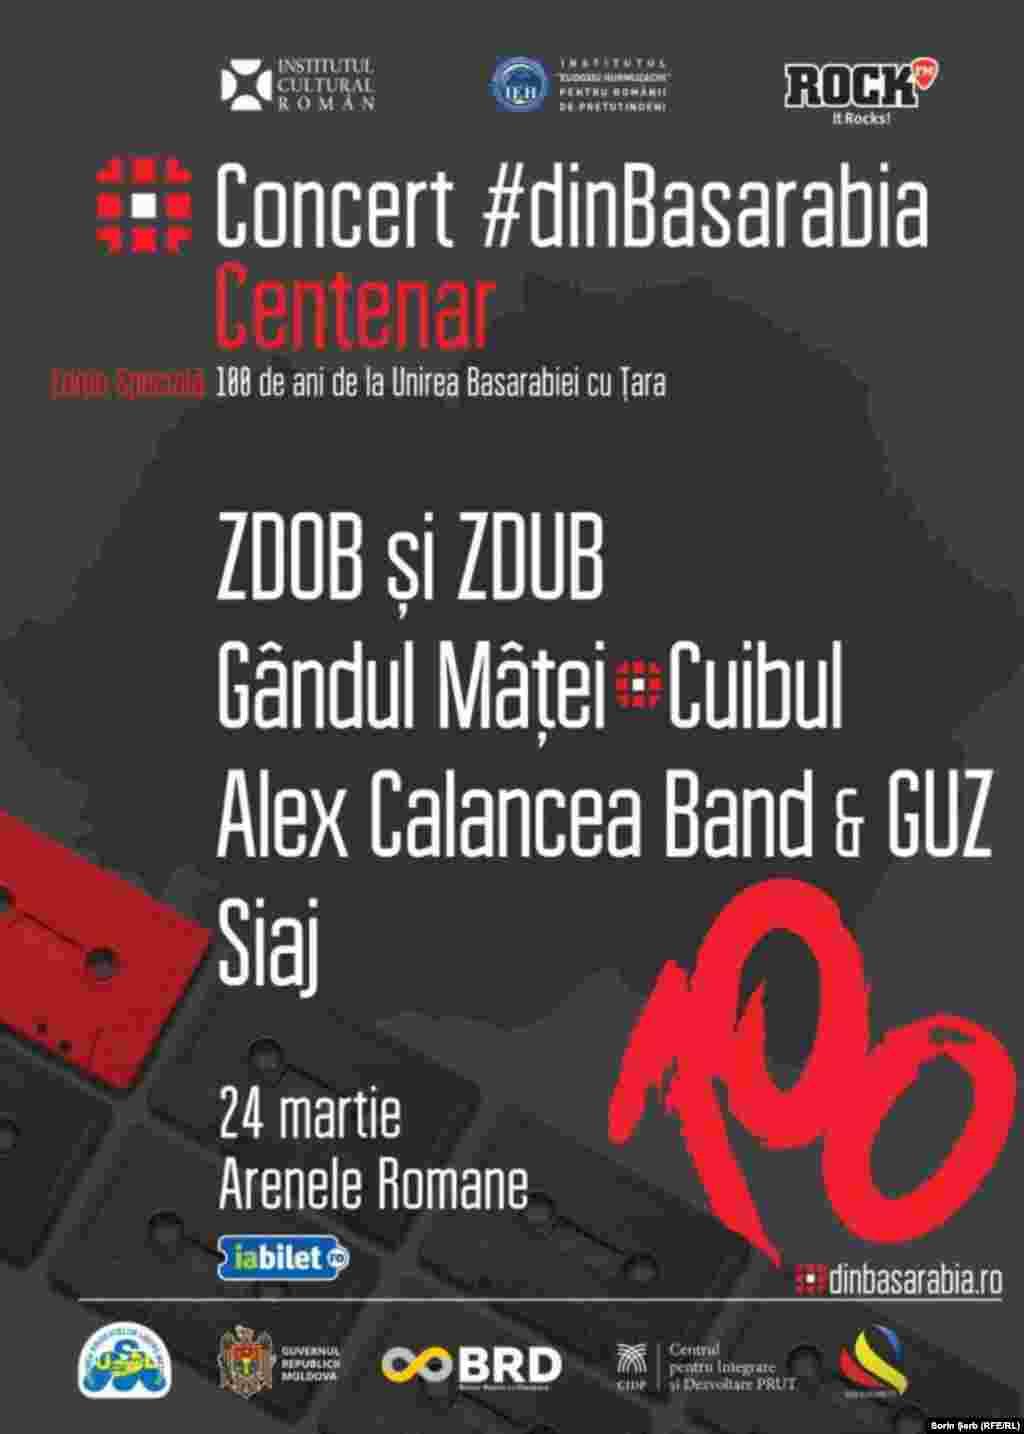 Afișul Concert #dinBasarabia, Centenar, București, 24 martie 2018